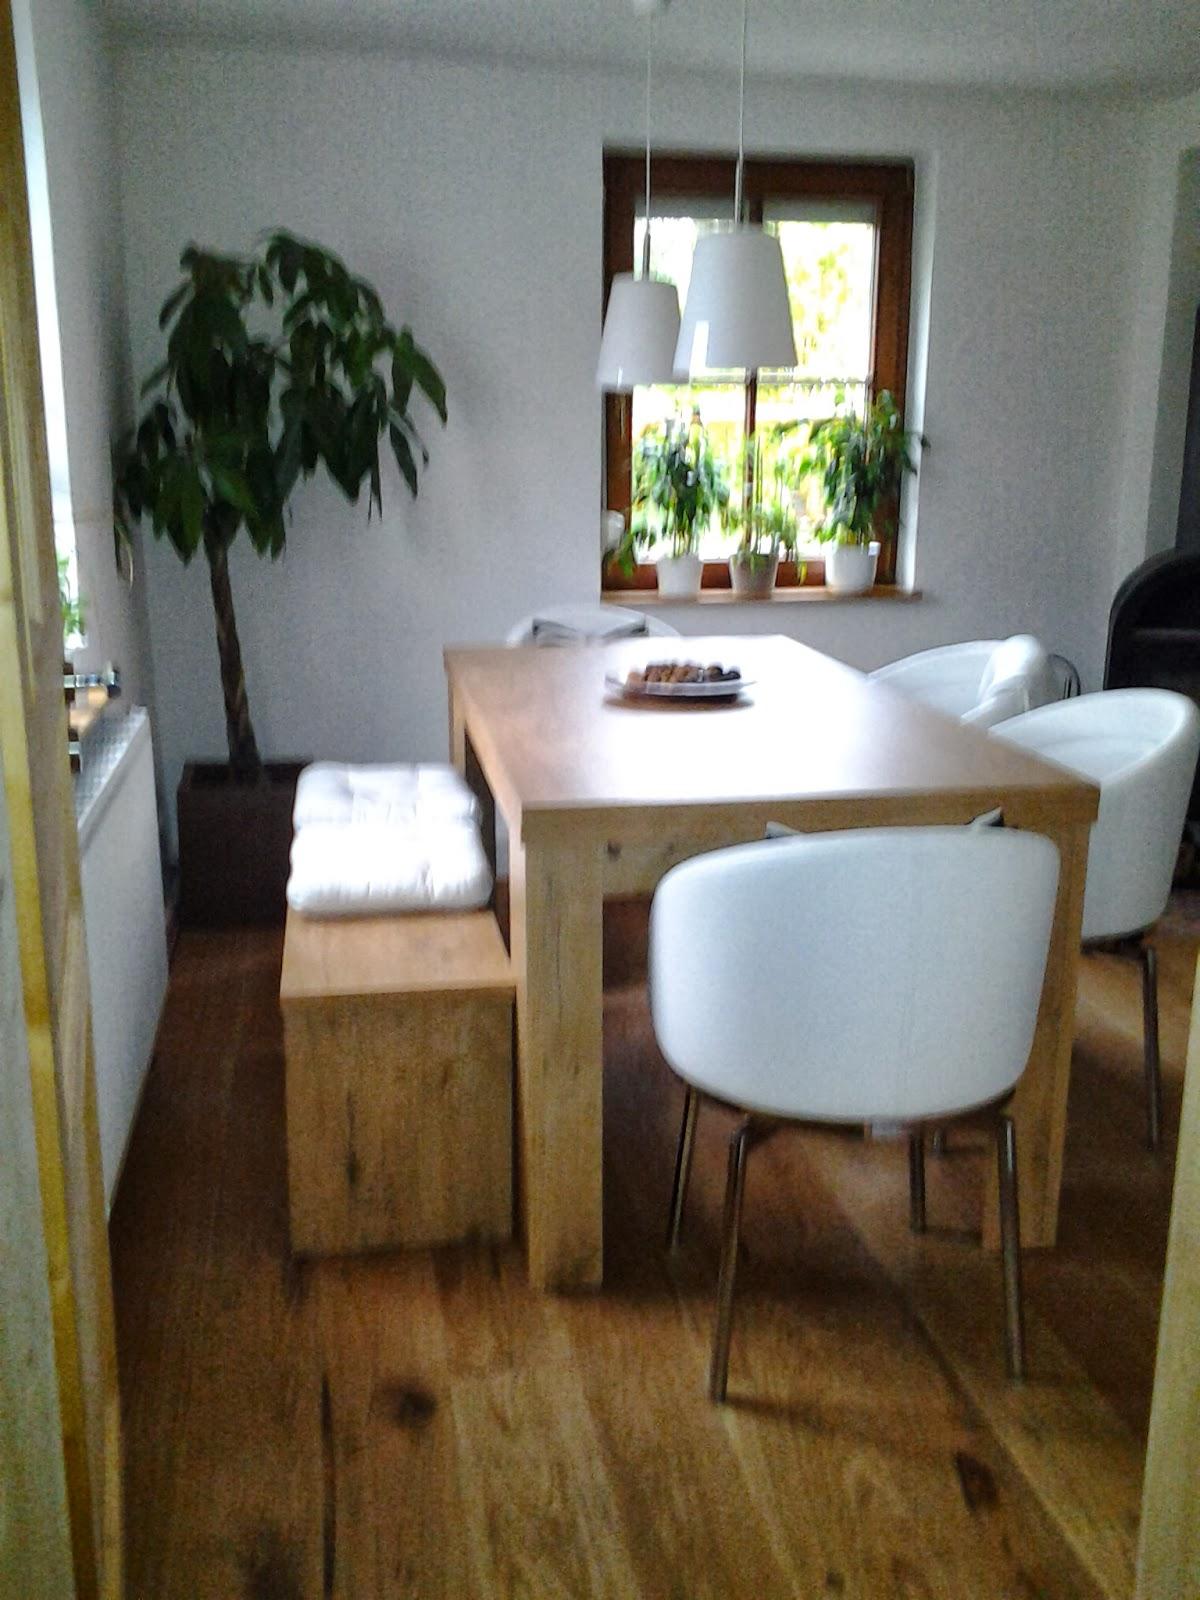 Jetzt Am Wochenende Haben Wir Unseren Traum Von Einem Gemütlichem Esszimmer  Ein Klein Wenig Verwirklicht. Ein Neuer Tisch Ein Paar Sessel Ein Regal.